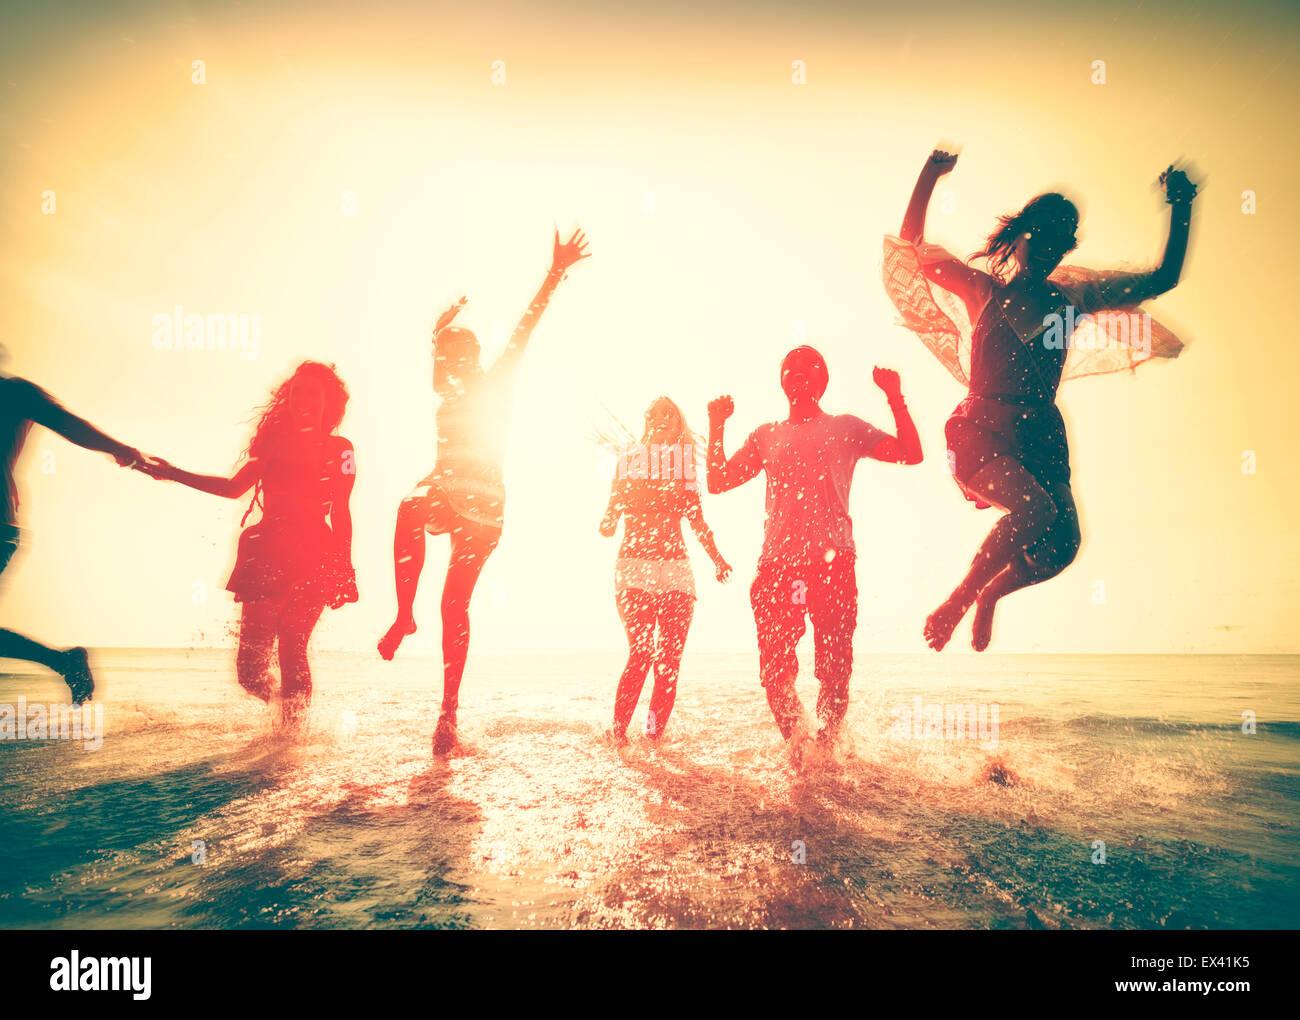 La amistad libertad Concepto de vacaciones de verano en la playa Imagen De Stock